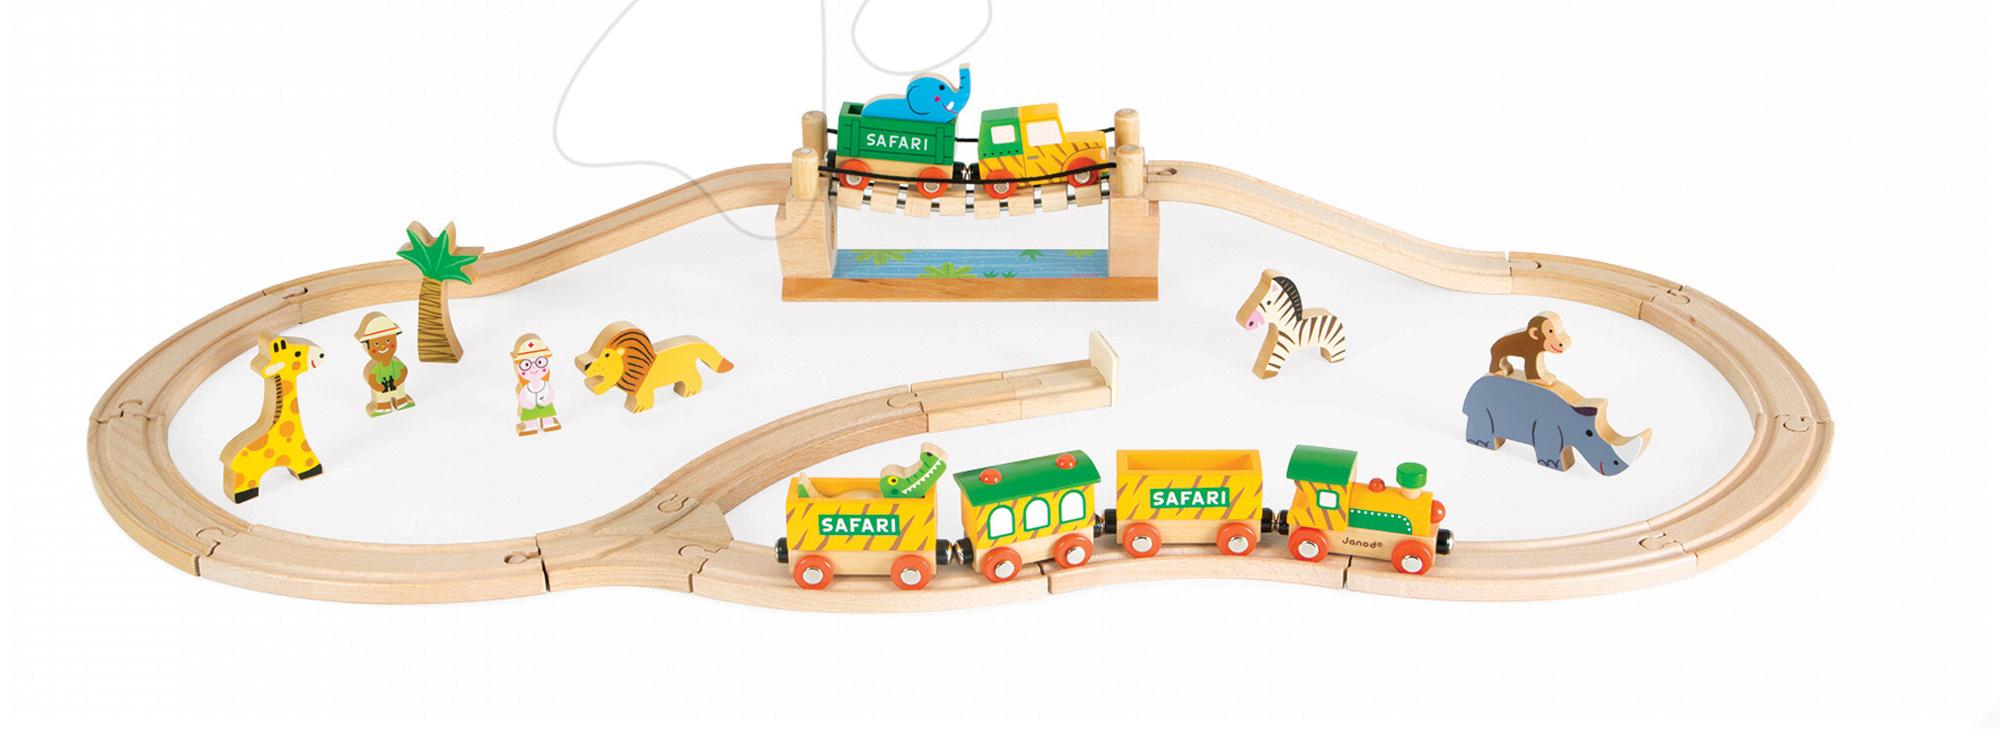 Dřevěná magnetická stavebnice Express safari Story Set Janod 33 dílů